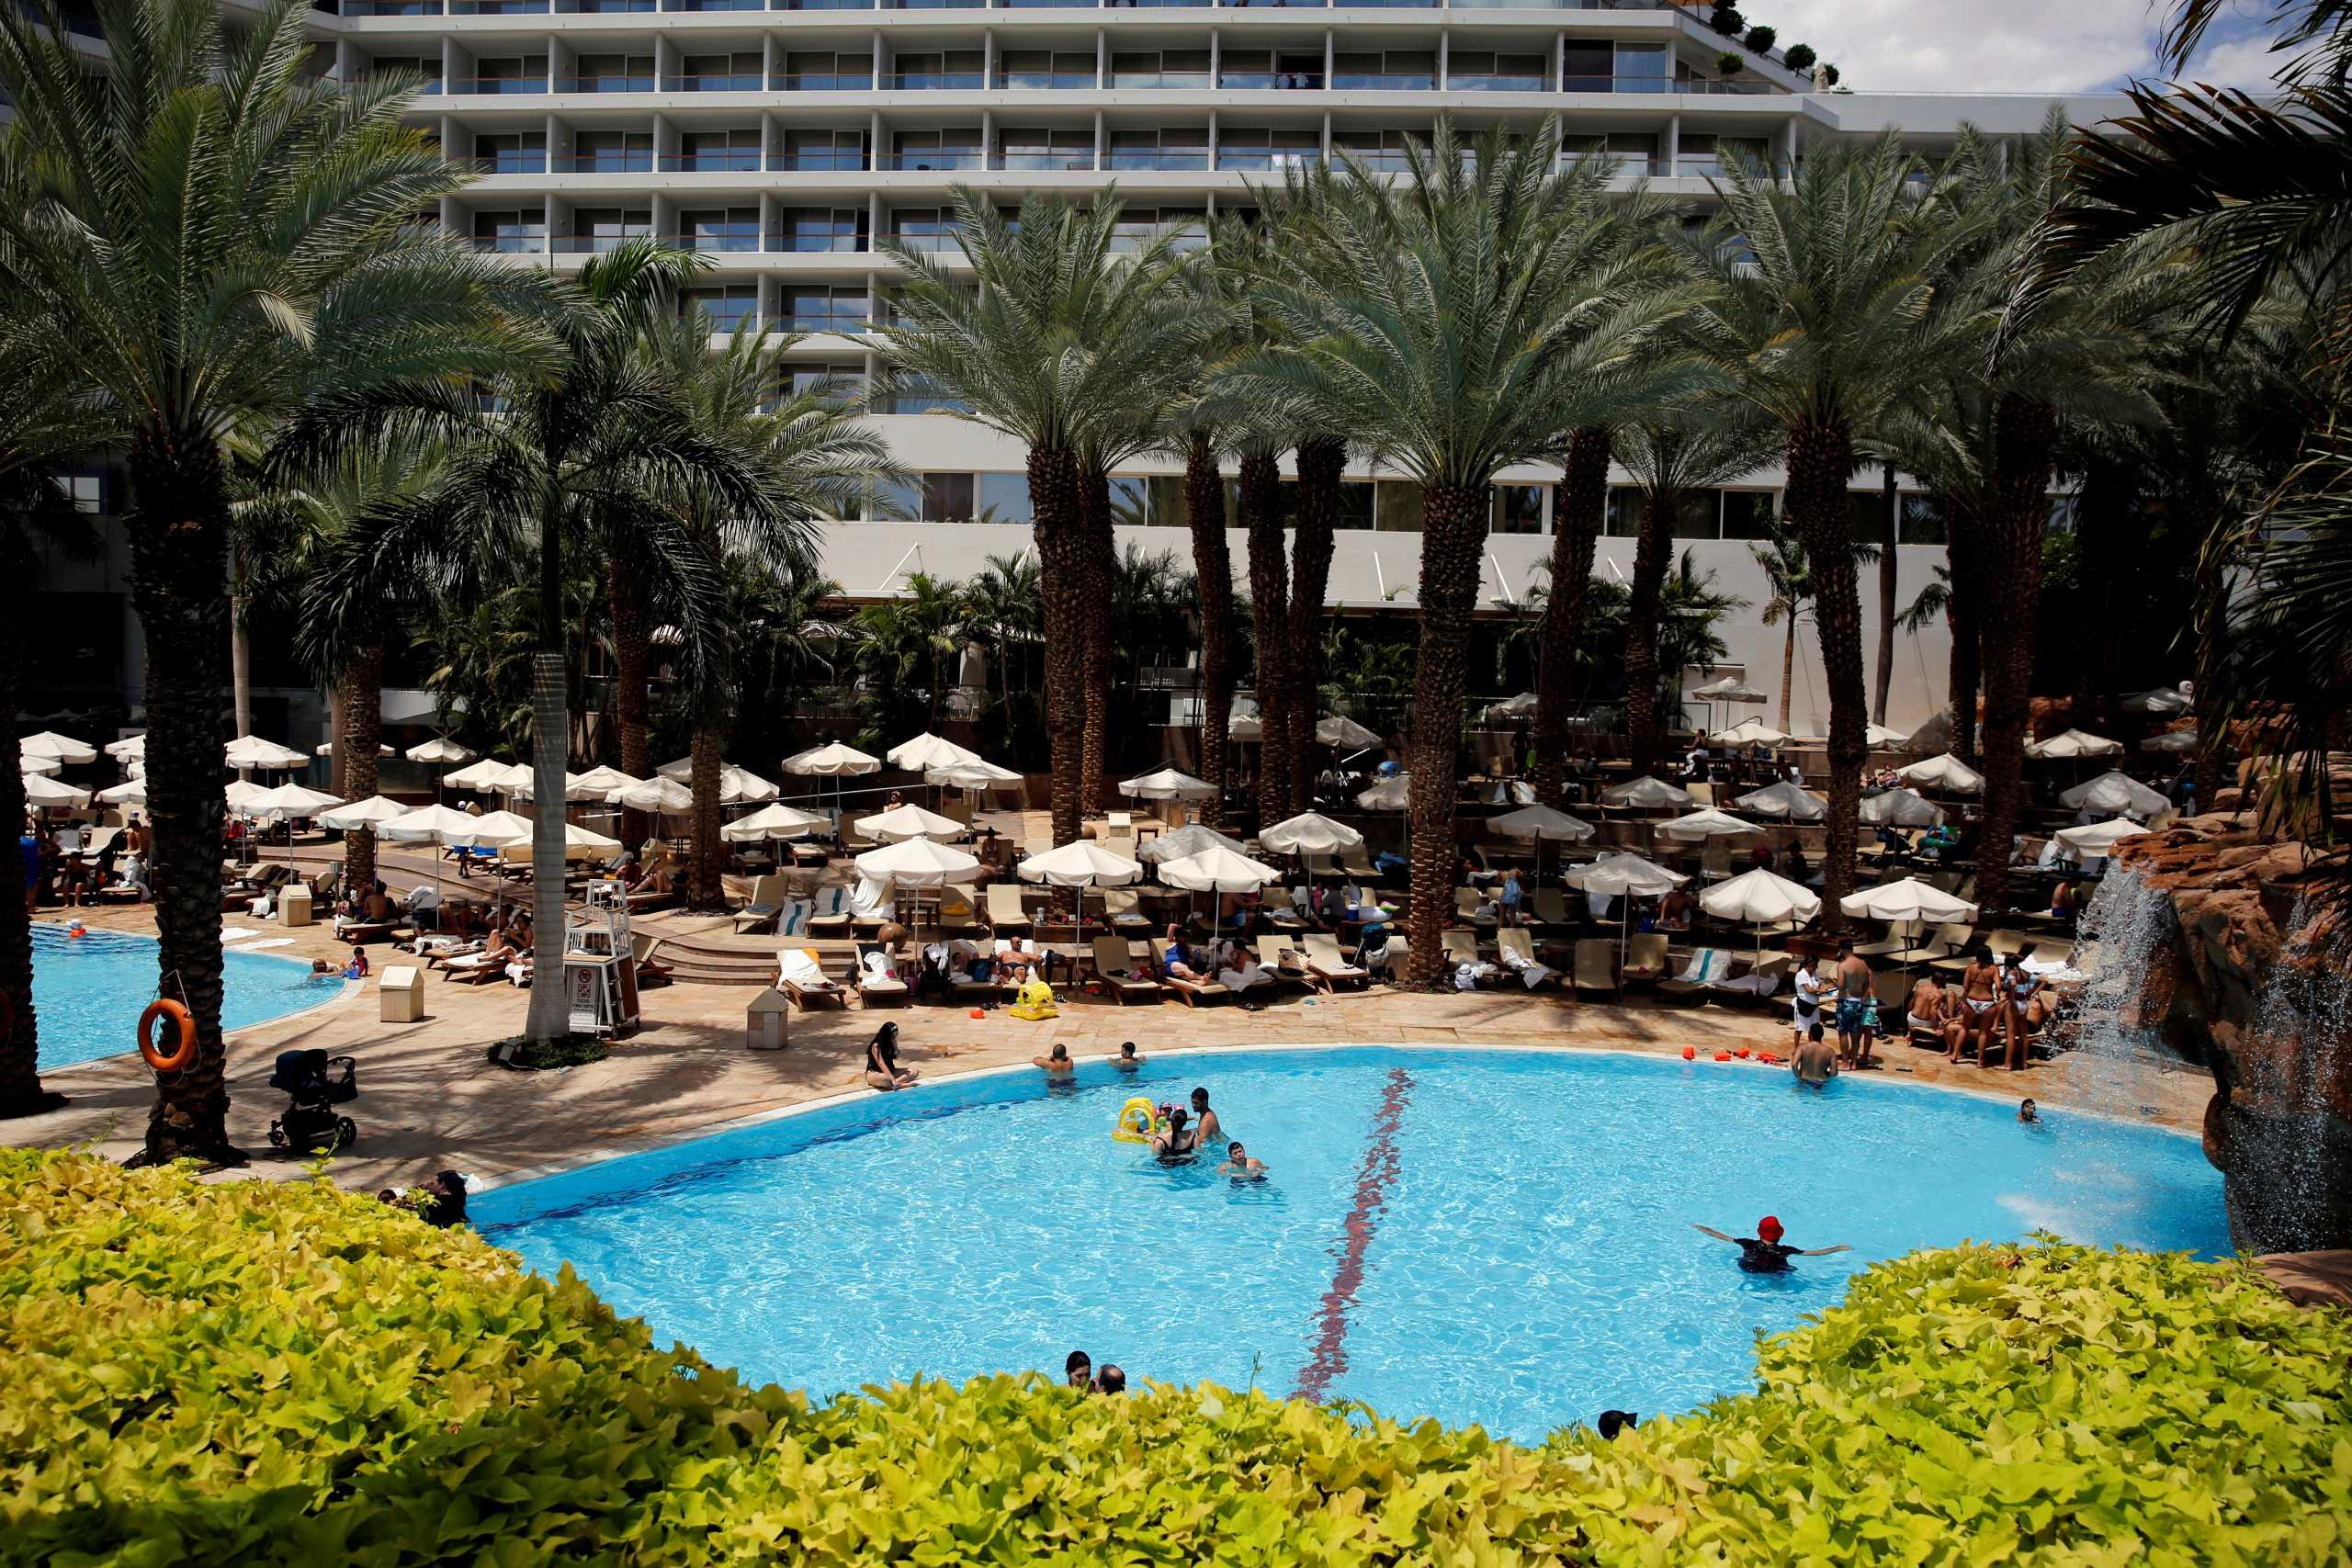 Κορινθία: Εστιατόριο ξενοδοχείου ζητεί από τους πελάτες να είναι ντυμένοι σαν Βασιλιάδες